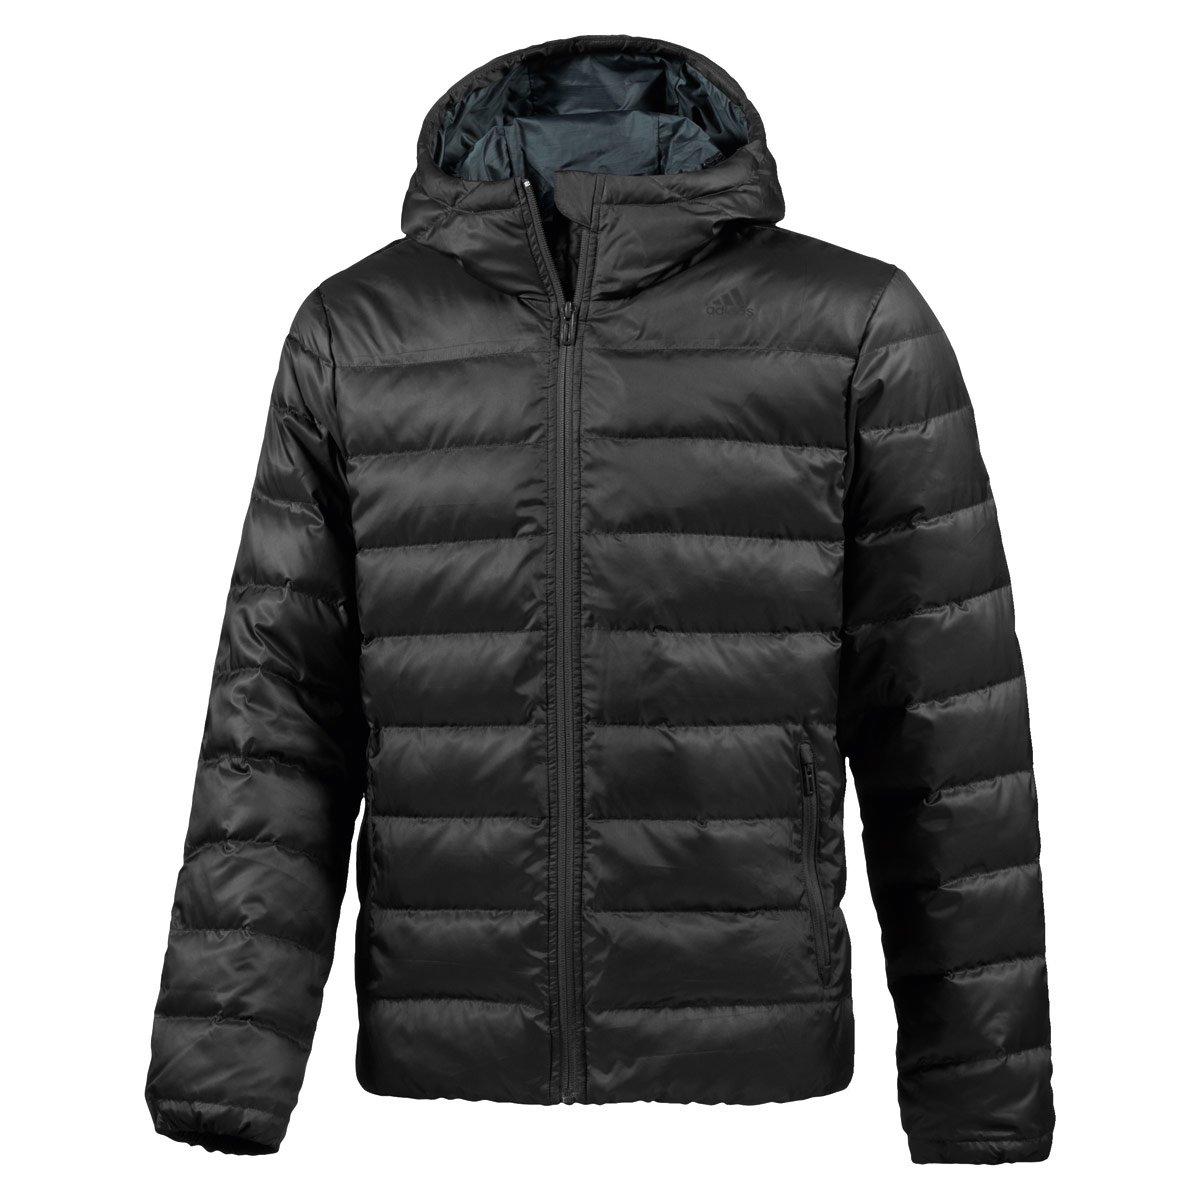 adidas Herren Jacke D Jacket MID günstig kaufen